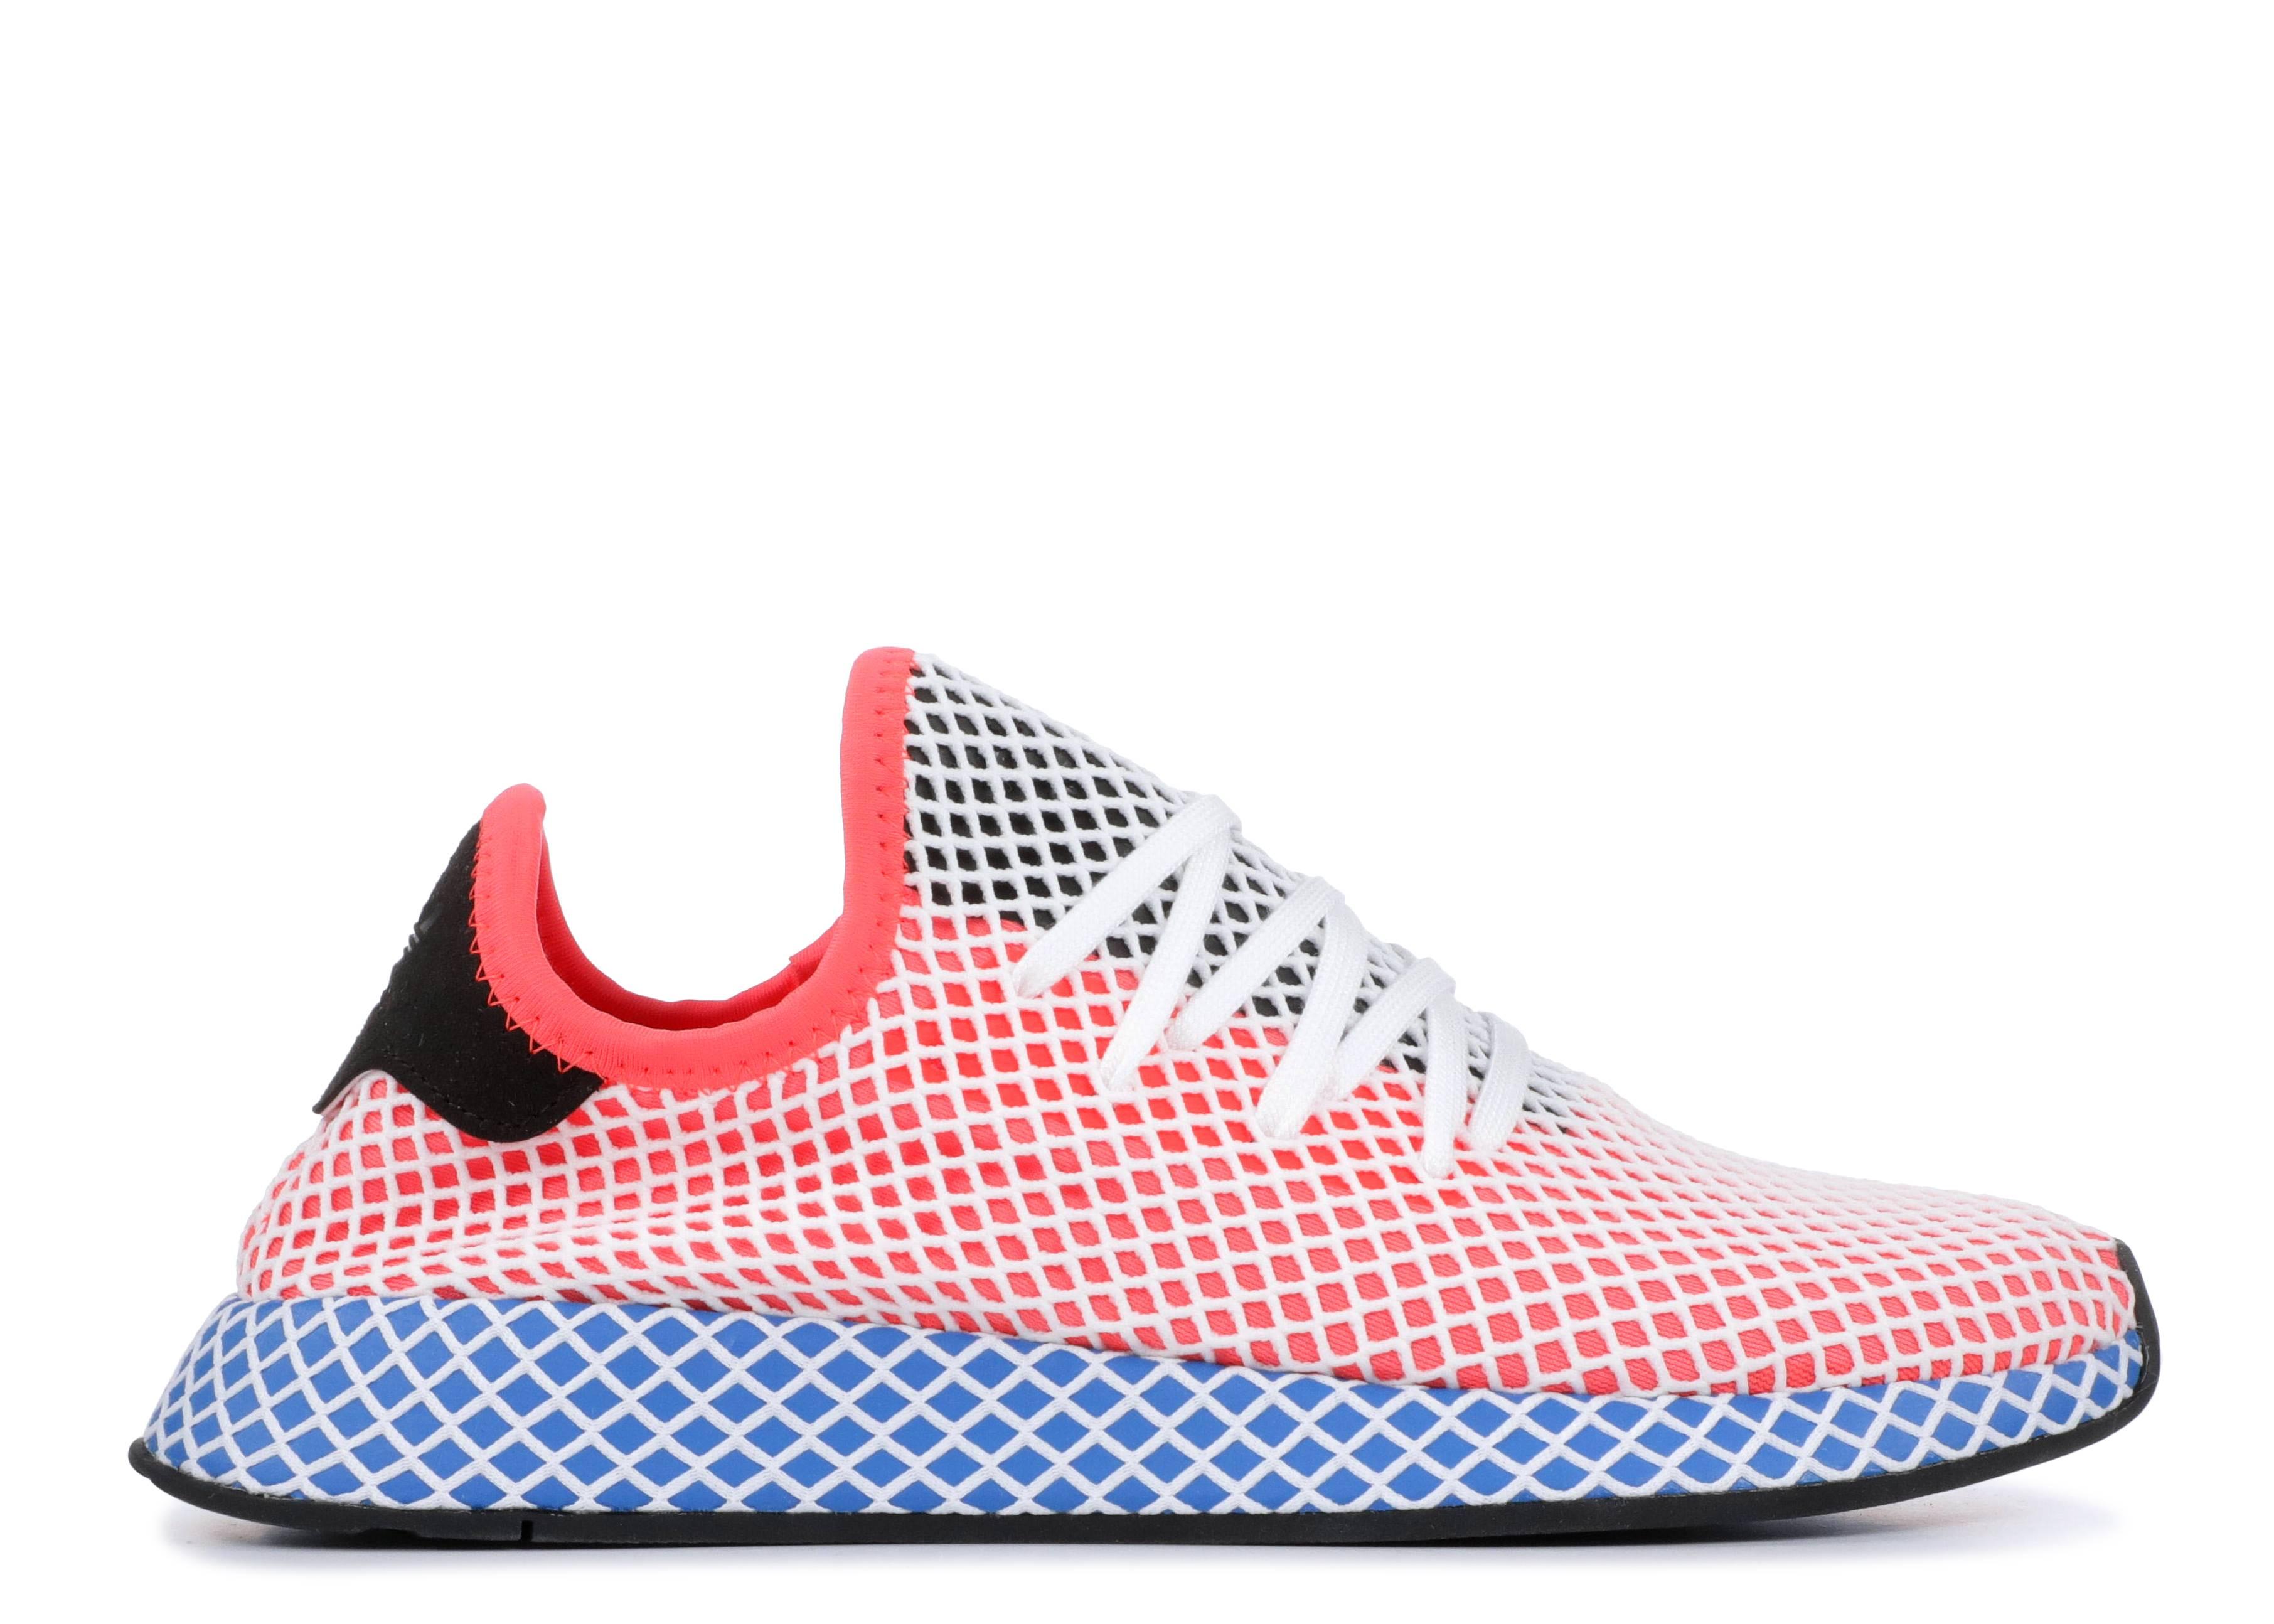 11c9f184ab9c4 Deerupt Runner - Adidas - cq2624 - solred solred blubir